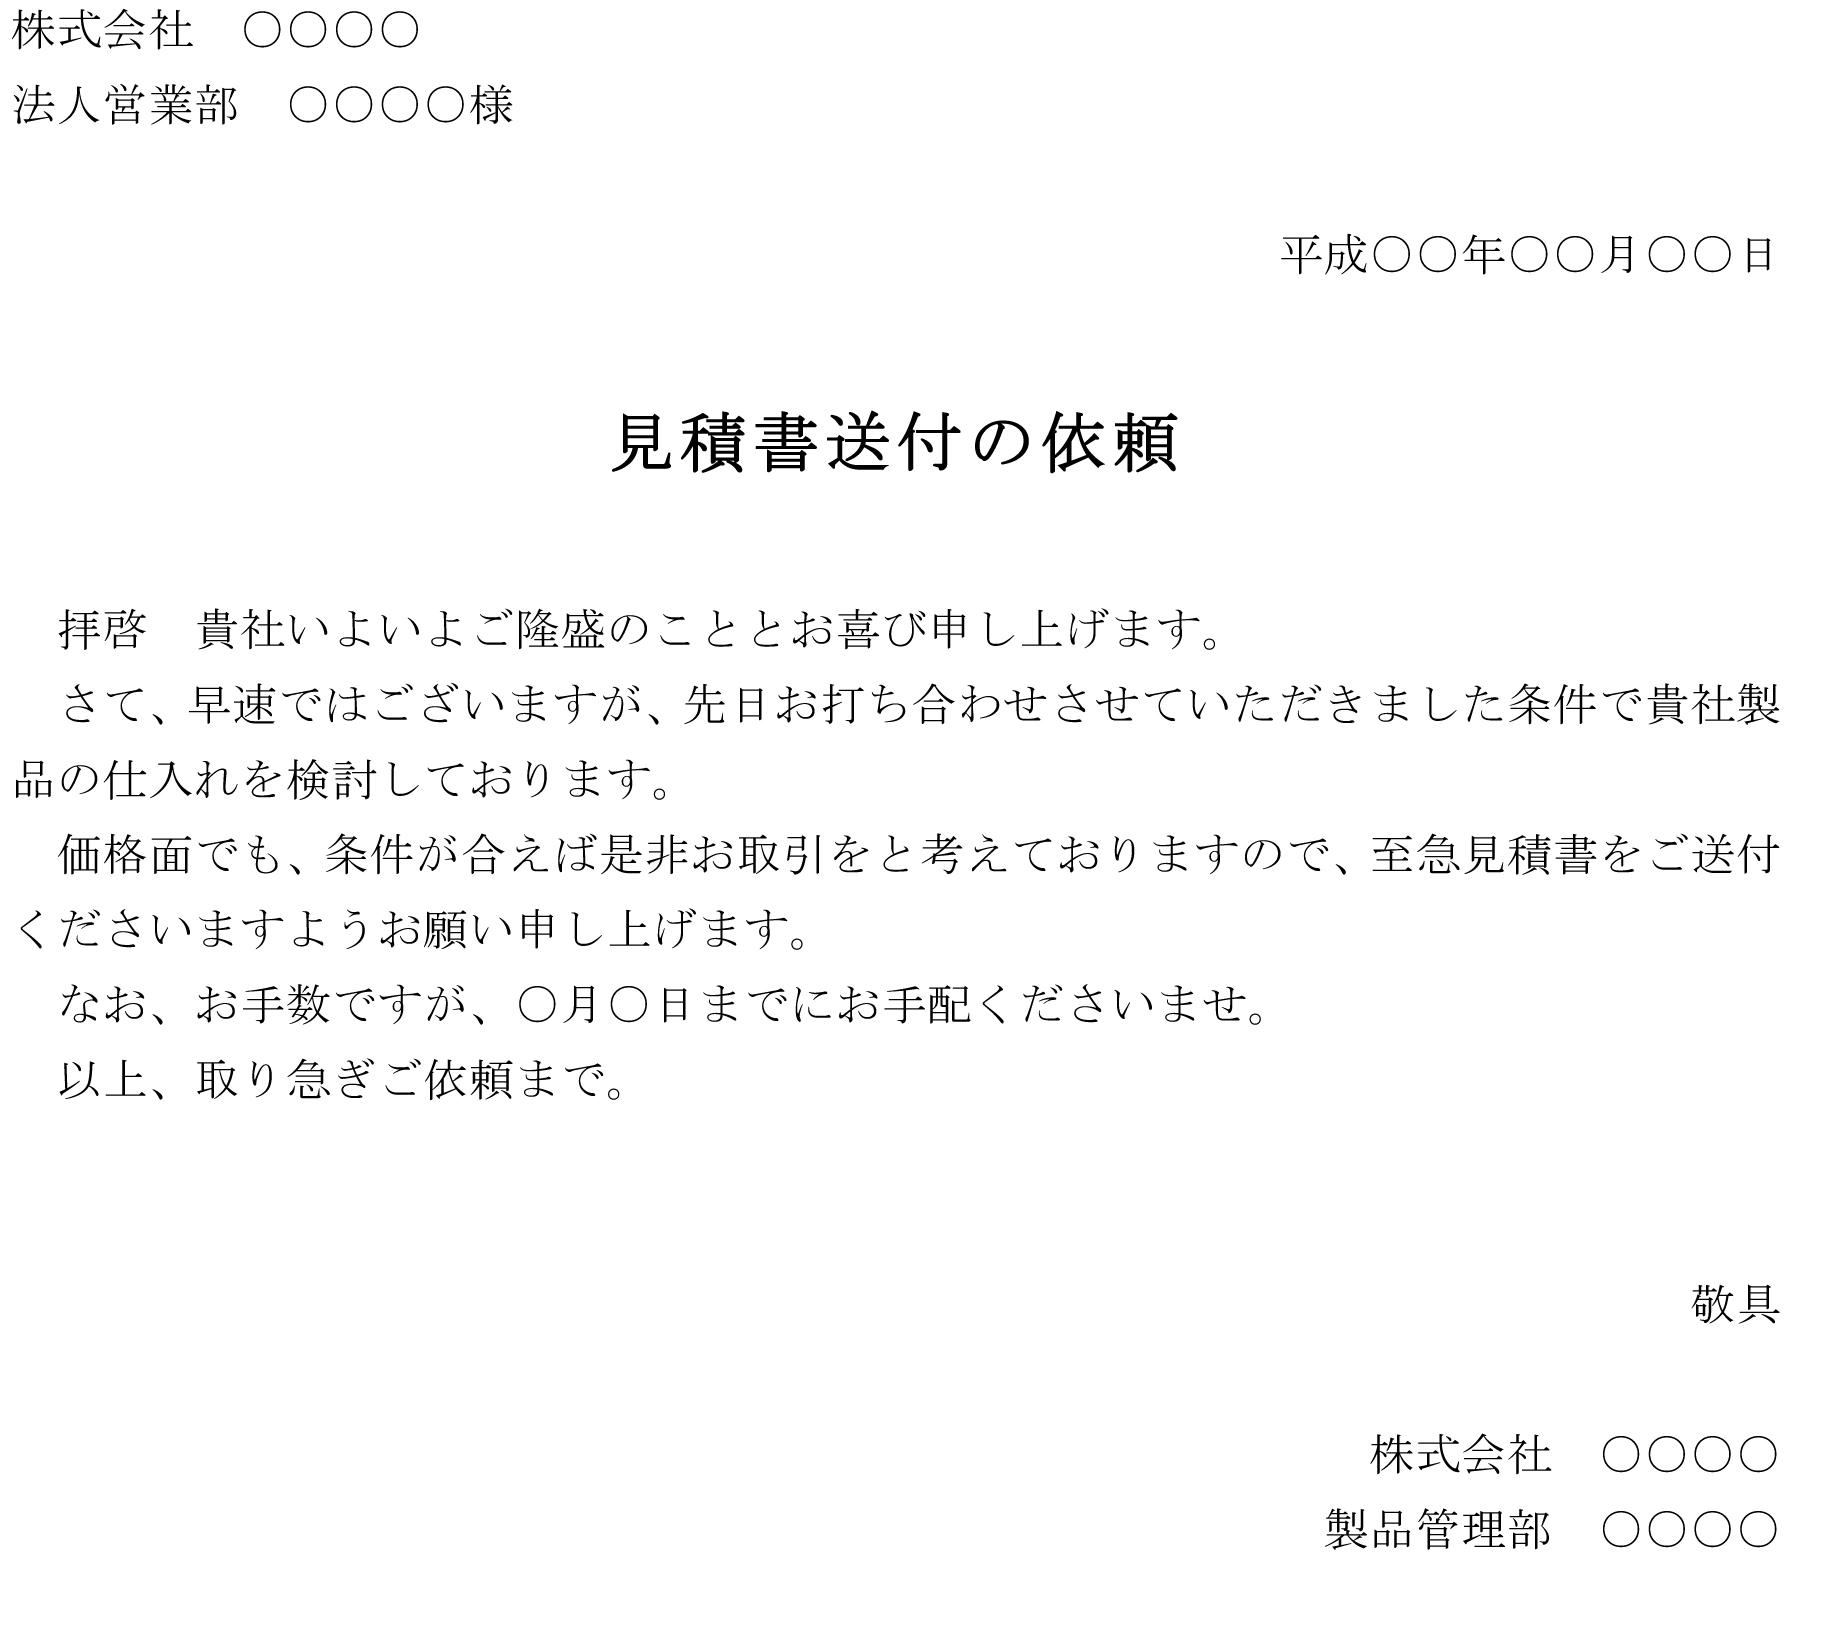 依頼状(見積書送付)01